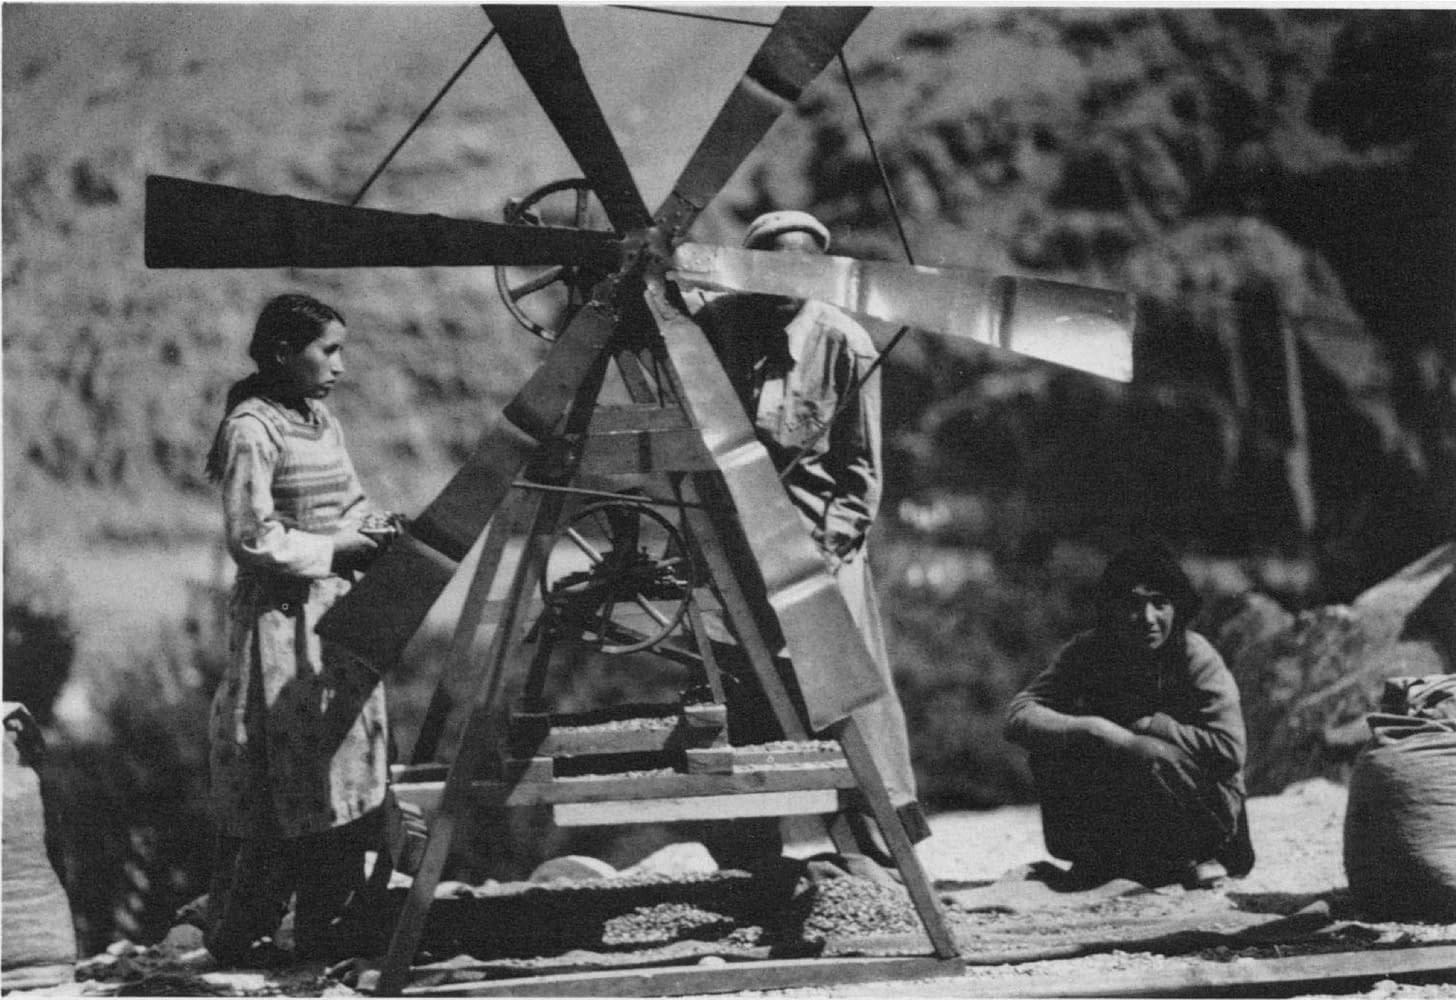 Hunza - Moulin à vent utilisé pour briser les noyaux d'abricots